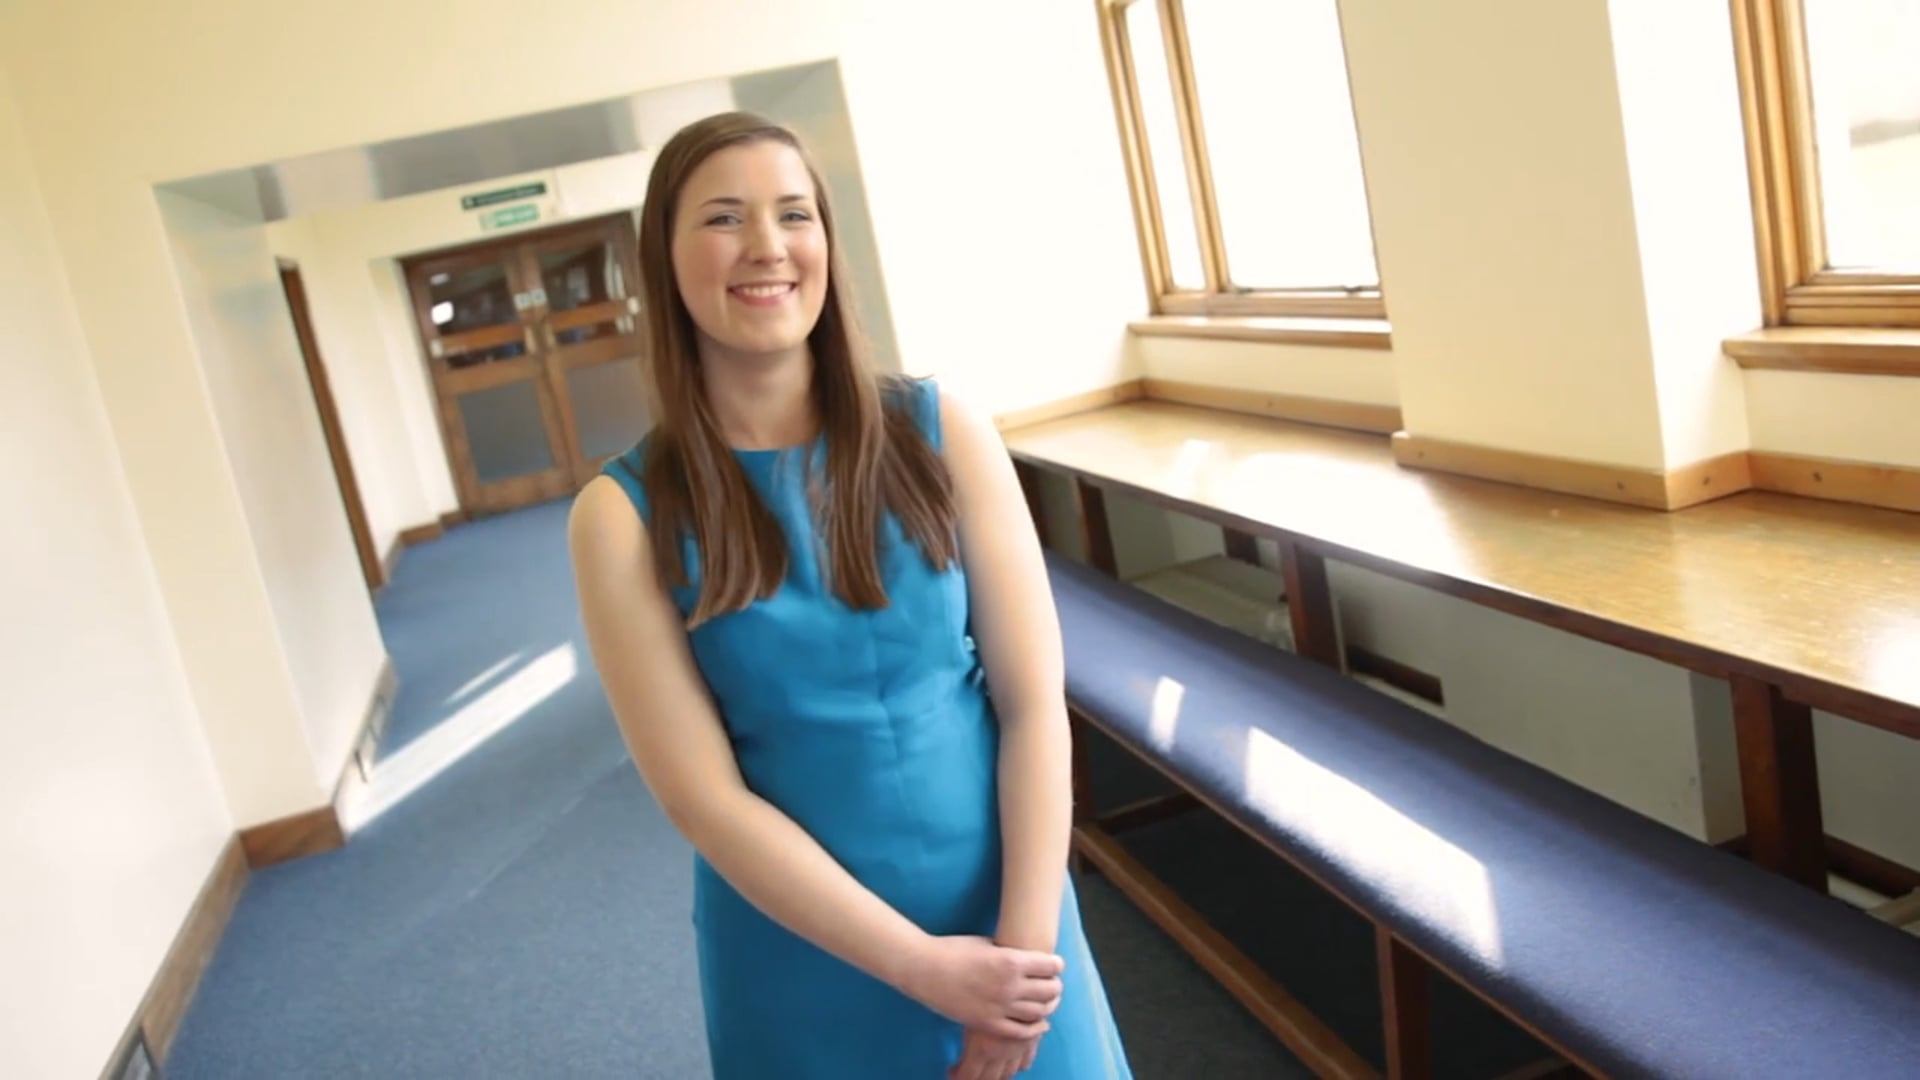 Alumni Profile 'Giselle'